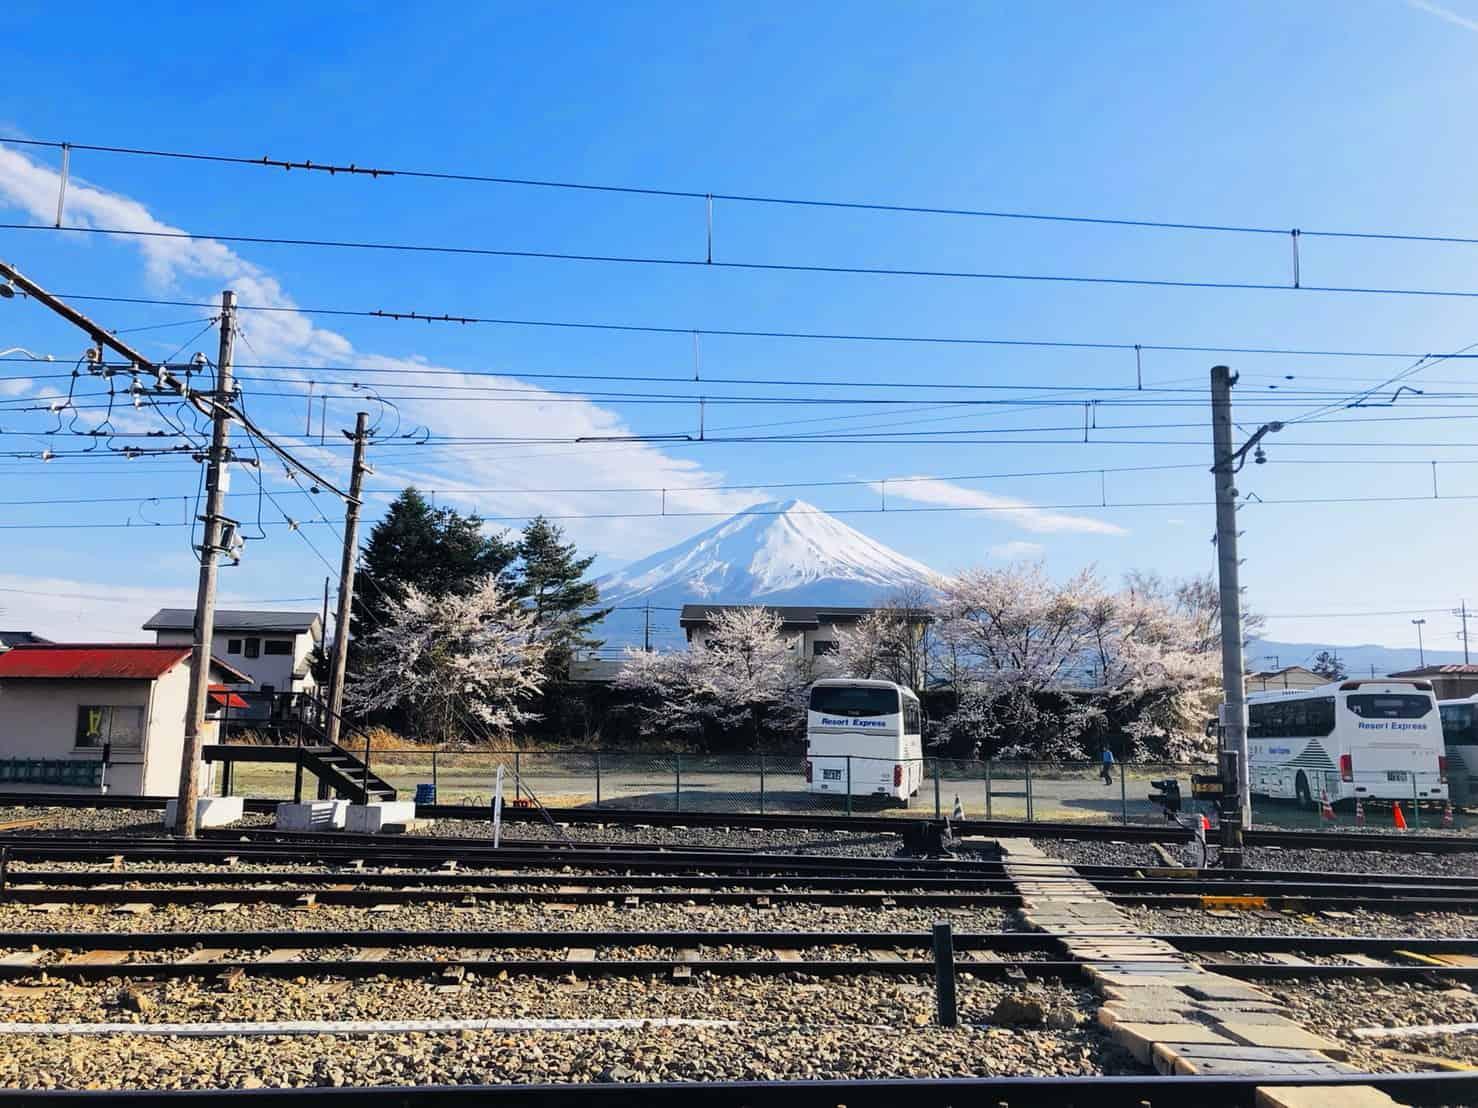 จุดถ่ายรูป ภูเขาไฟฟูจิ รถไฟสายฟูจิคิวโค (Fujikyuko Line)